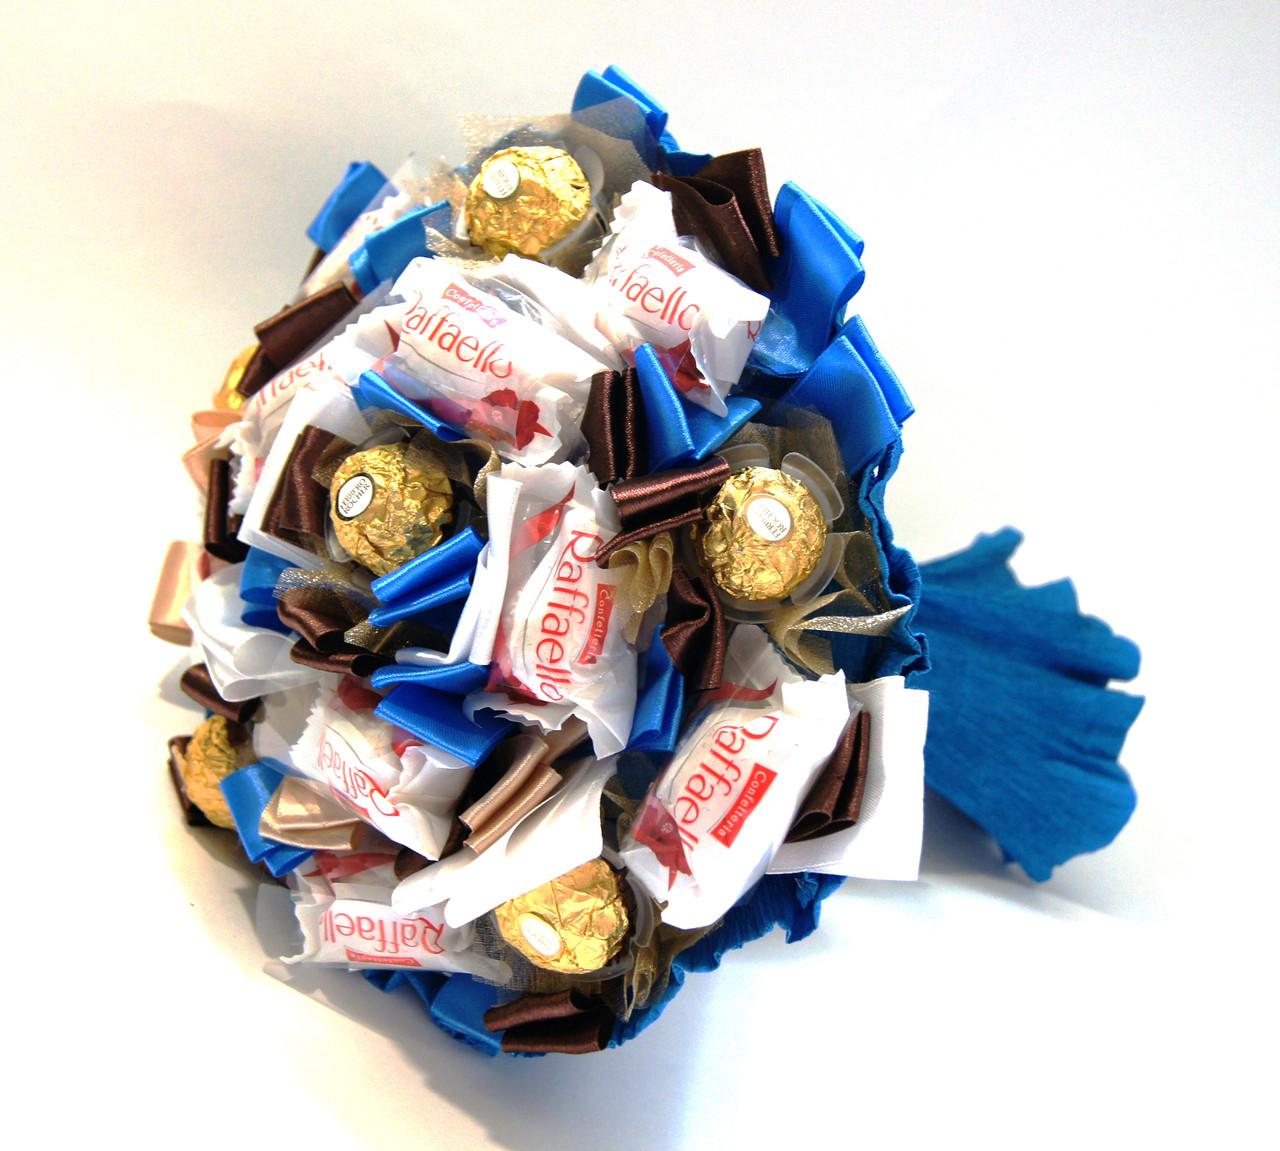 Букет из конфет своими руками — красивые и оригинальные идеи букетов для подарка (фото и видео в обзоре)